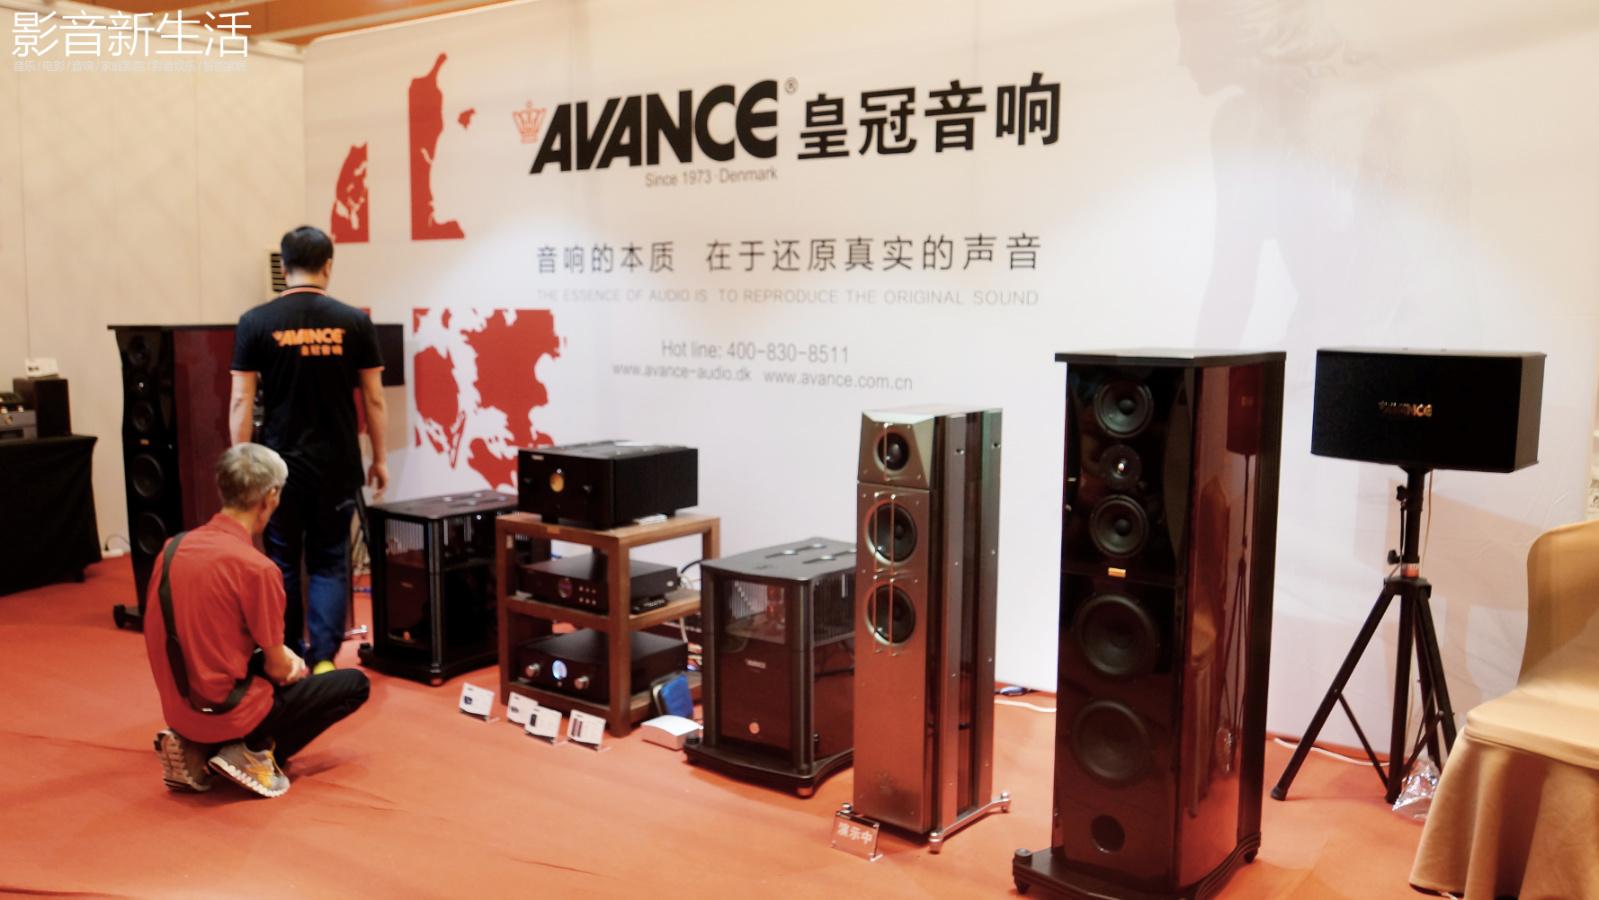 回顾   AVANCE皇冠音响携新品亮相2018广州国际音响唱片展